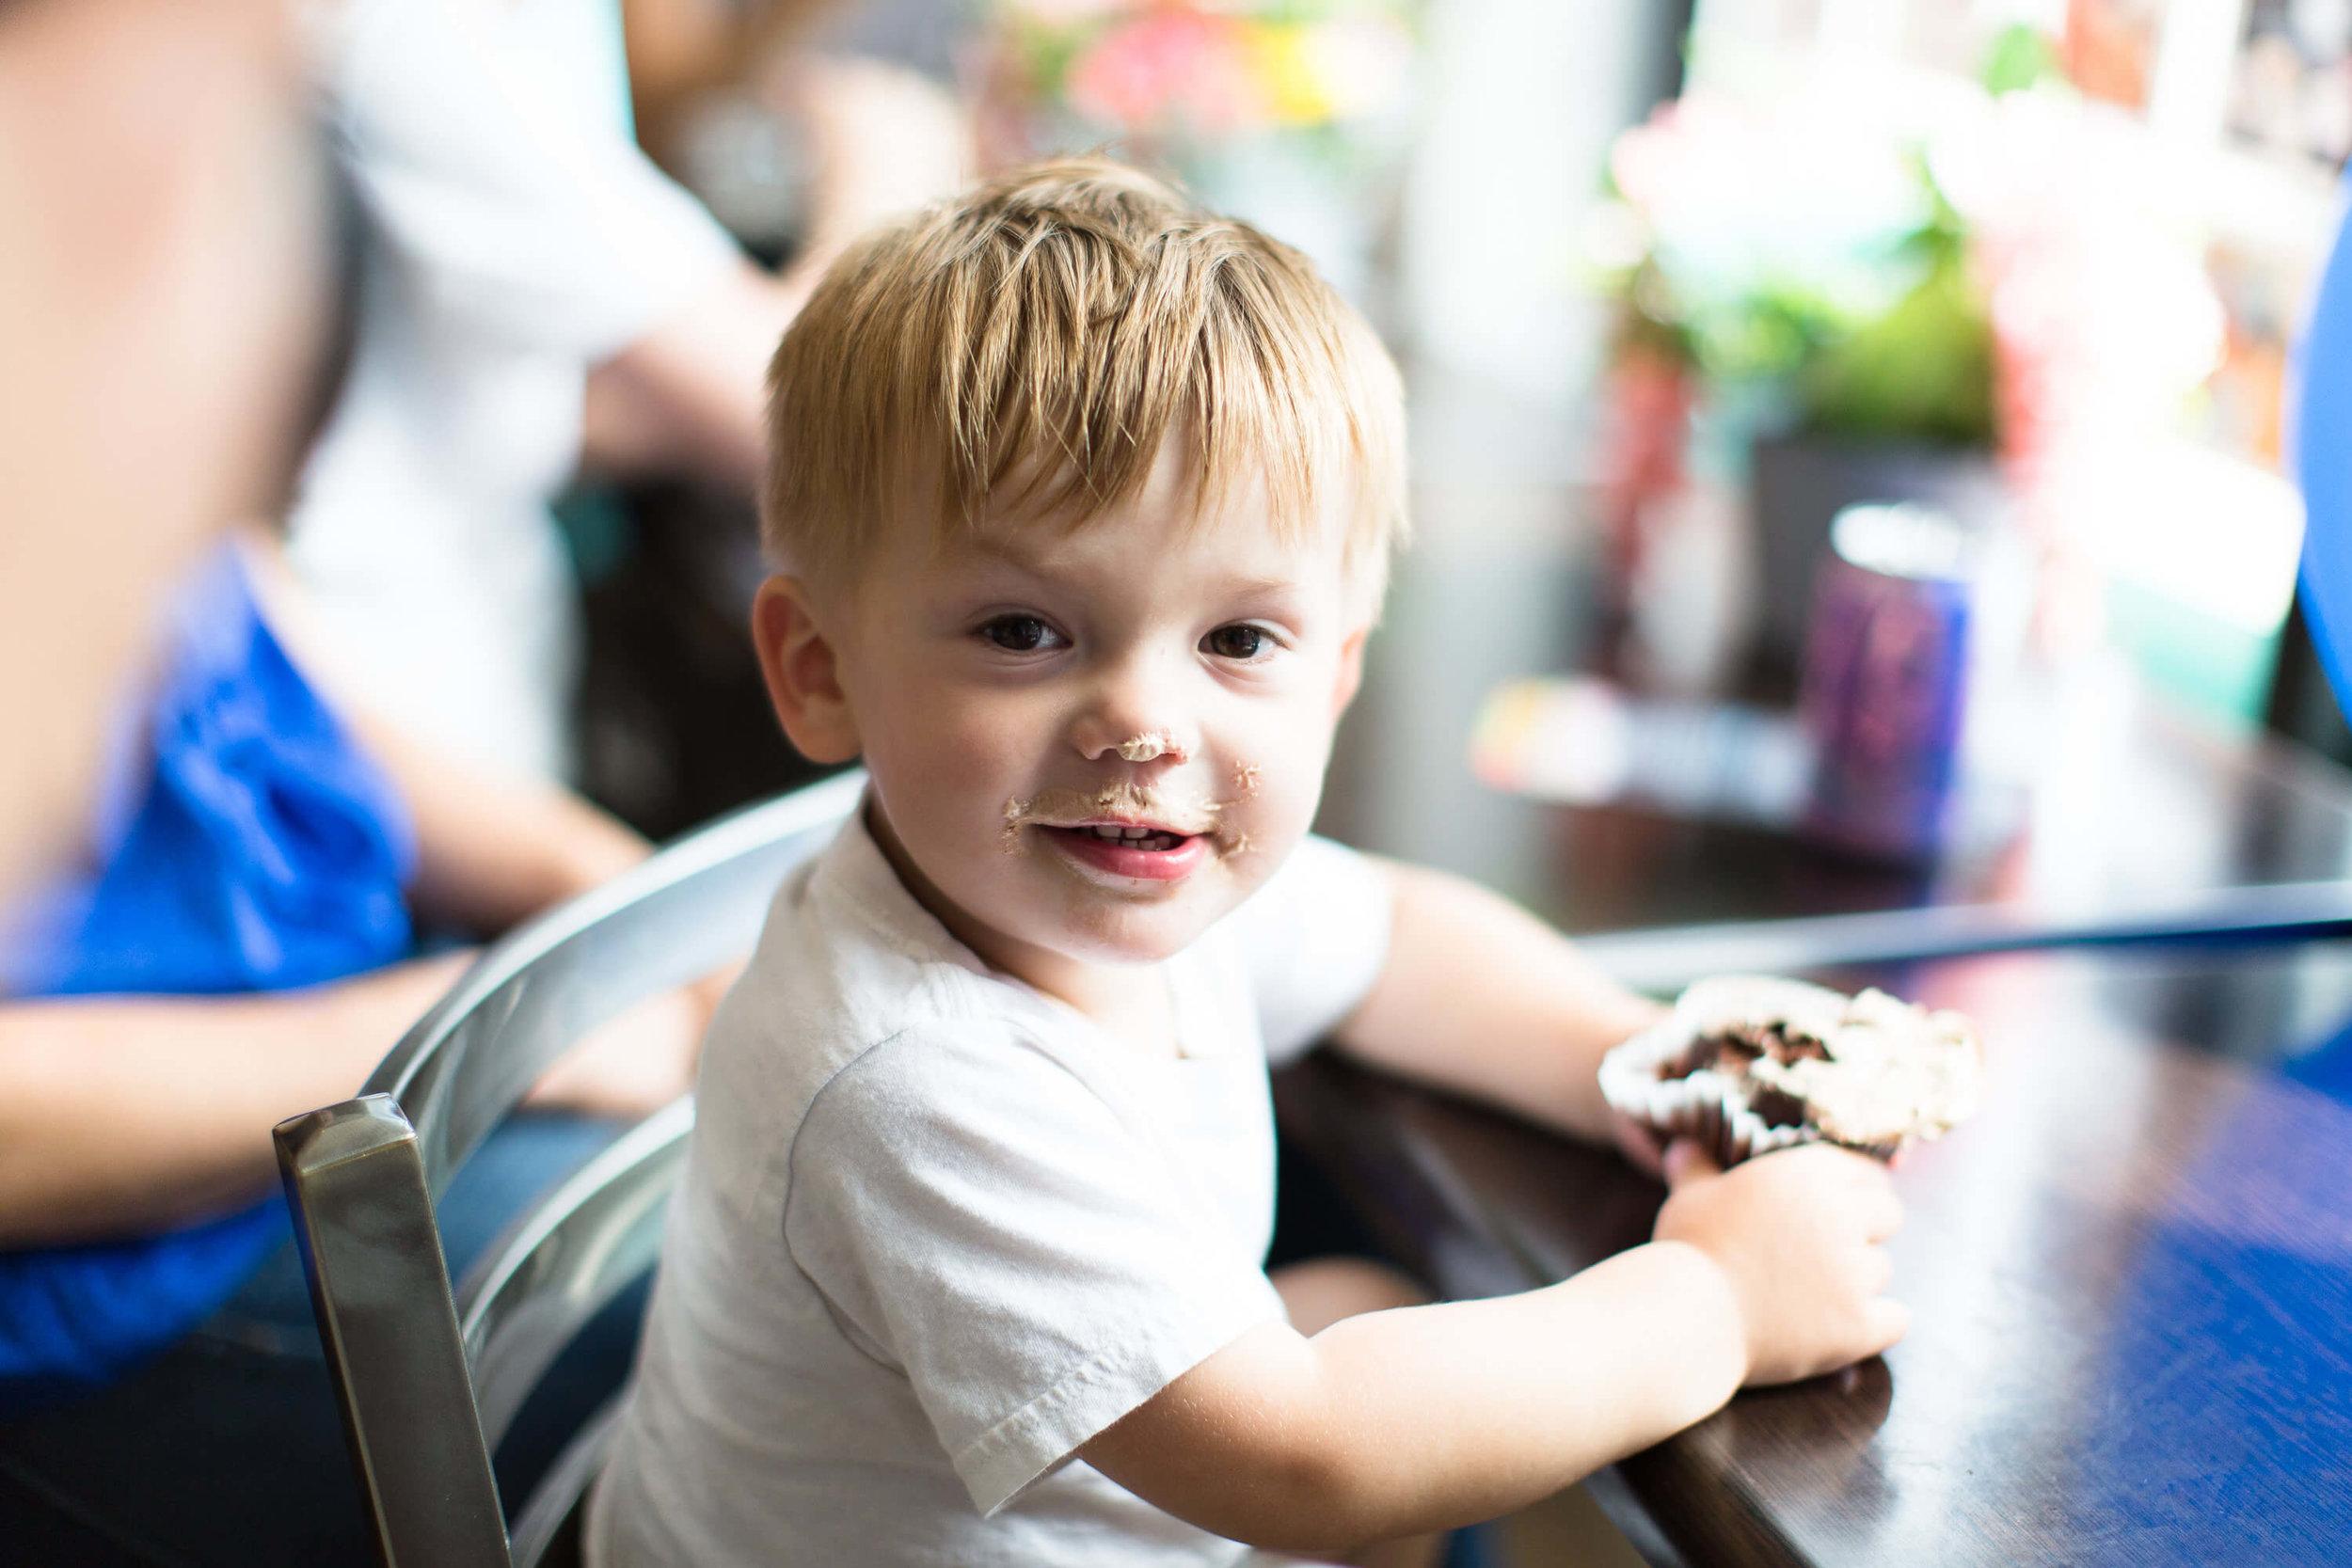 engle-olson-ashley-elwill-photography-amys-cupcake-shoppe-one-year-34.jpg